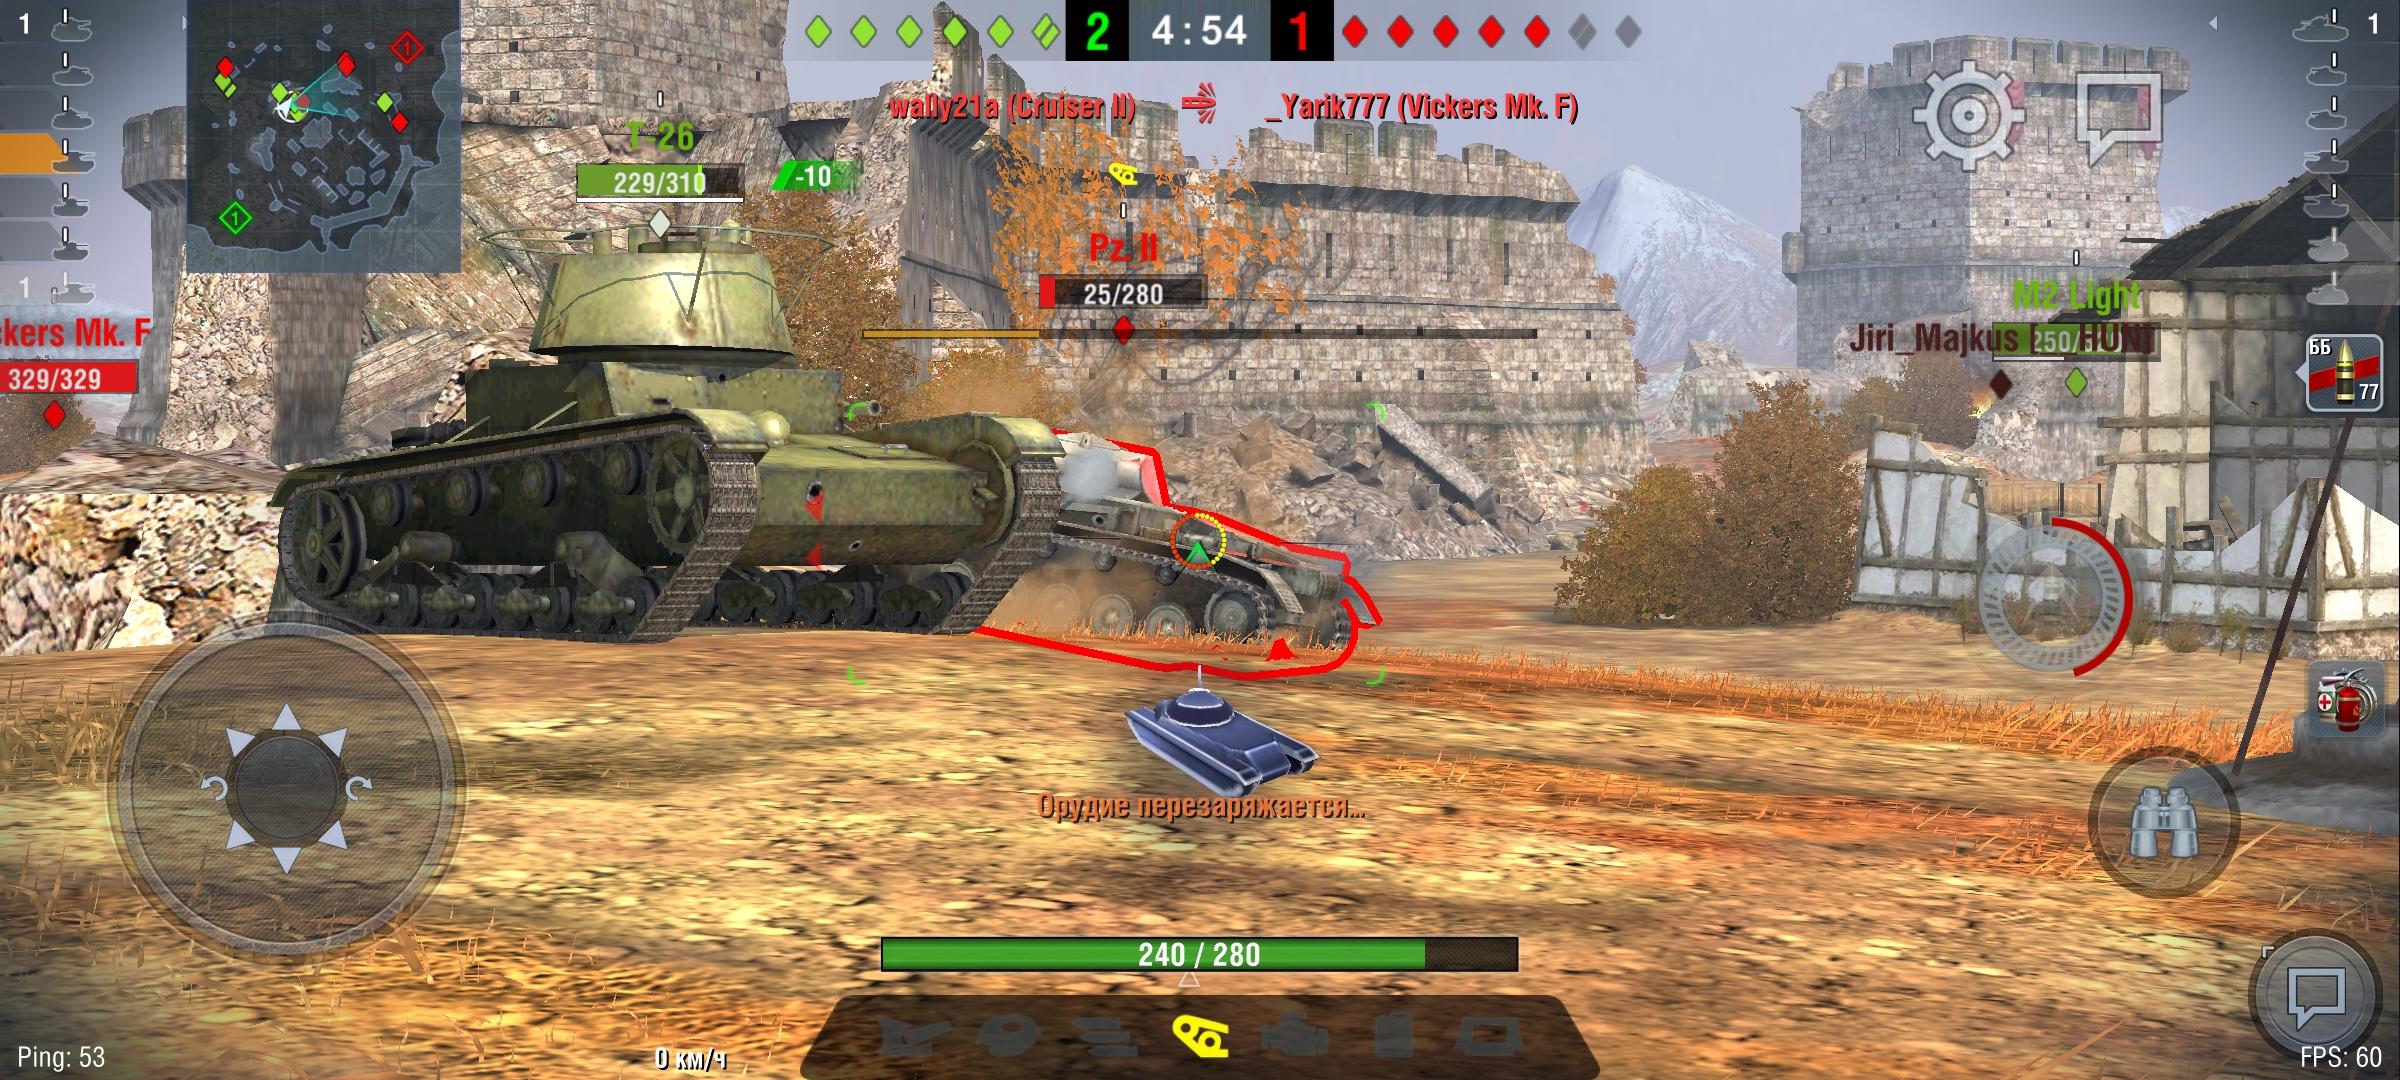 В World of Tanks: Blitz смартфон выдает эталонные 60 FPS